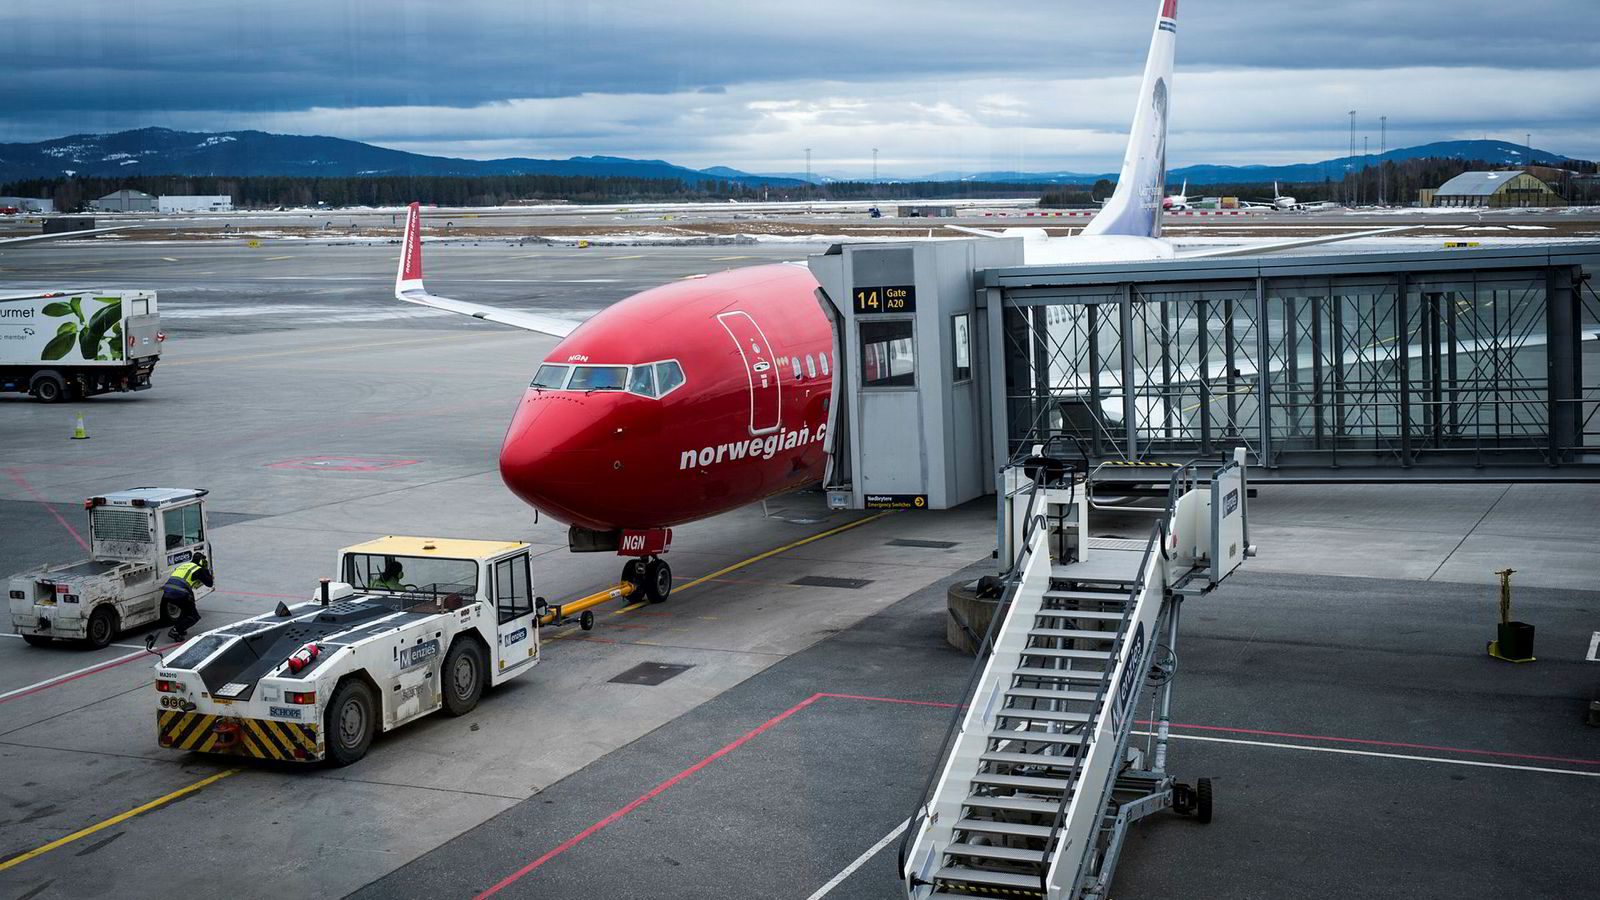 Et Norwegian-fly på Gardemoen. Ifølge Ryanairs sjef sliter selskapet.